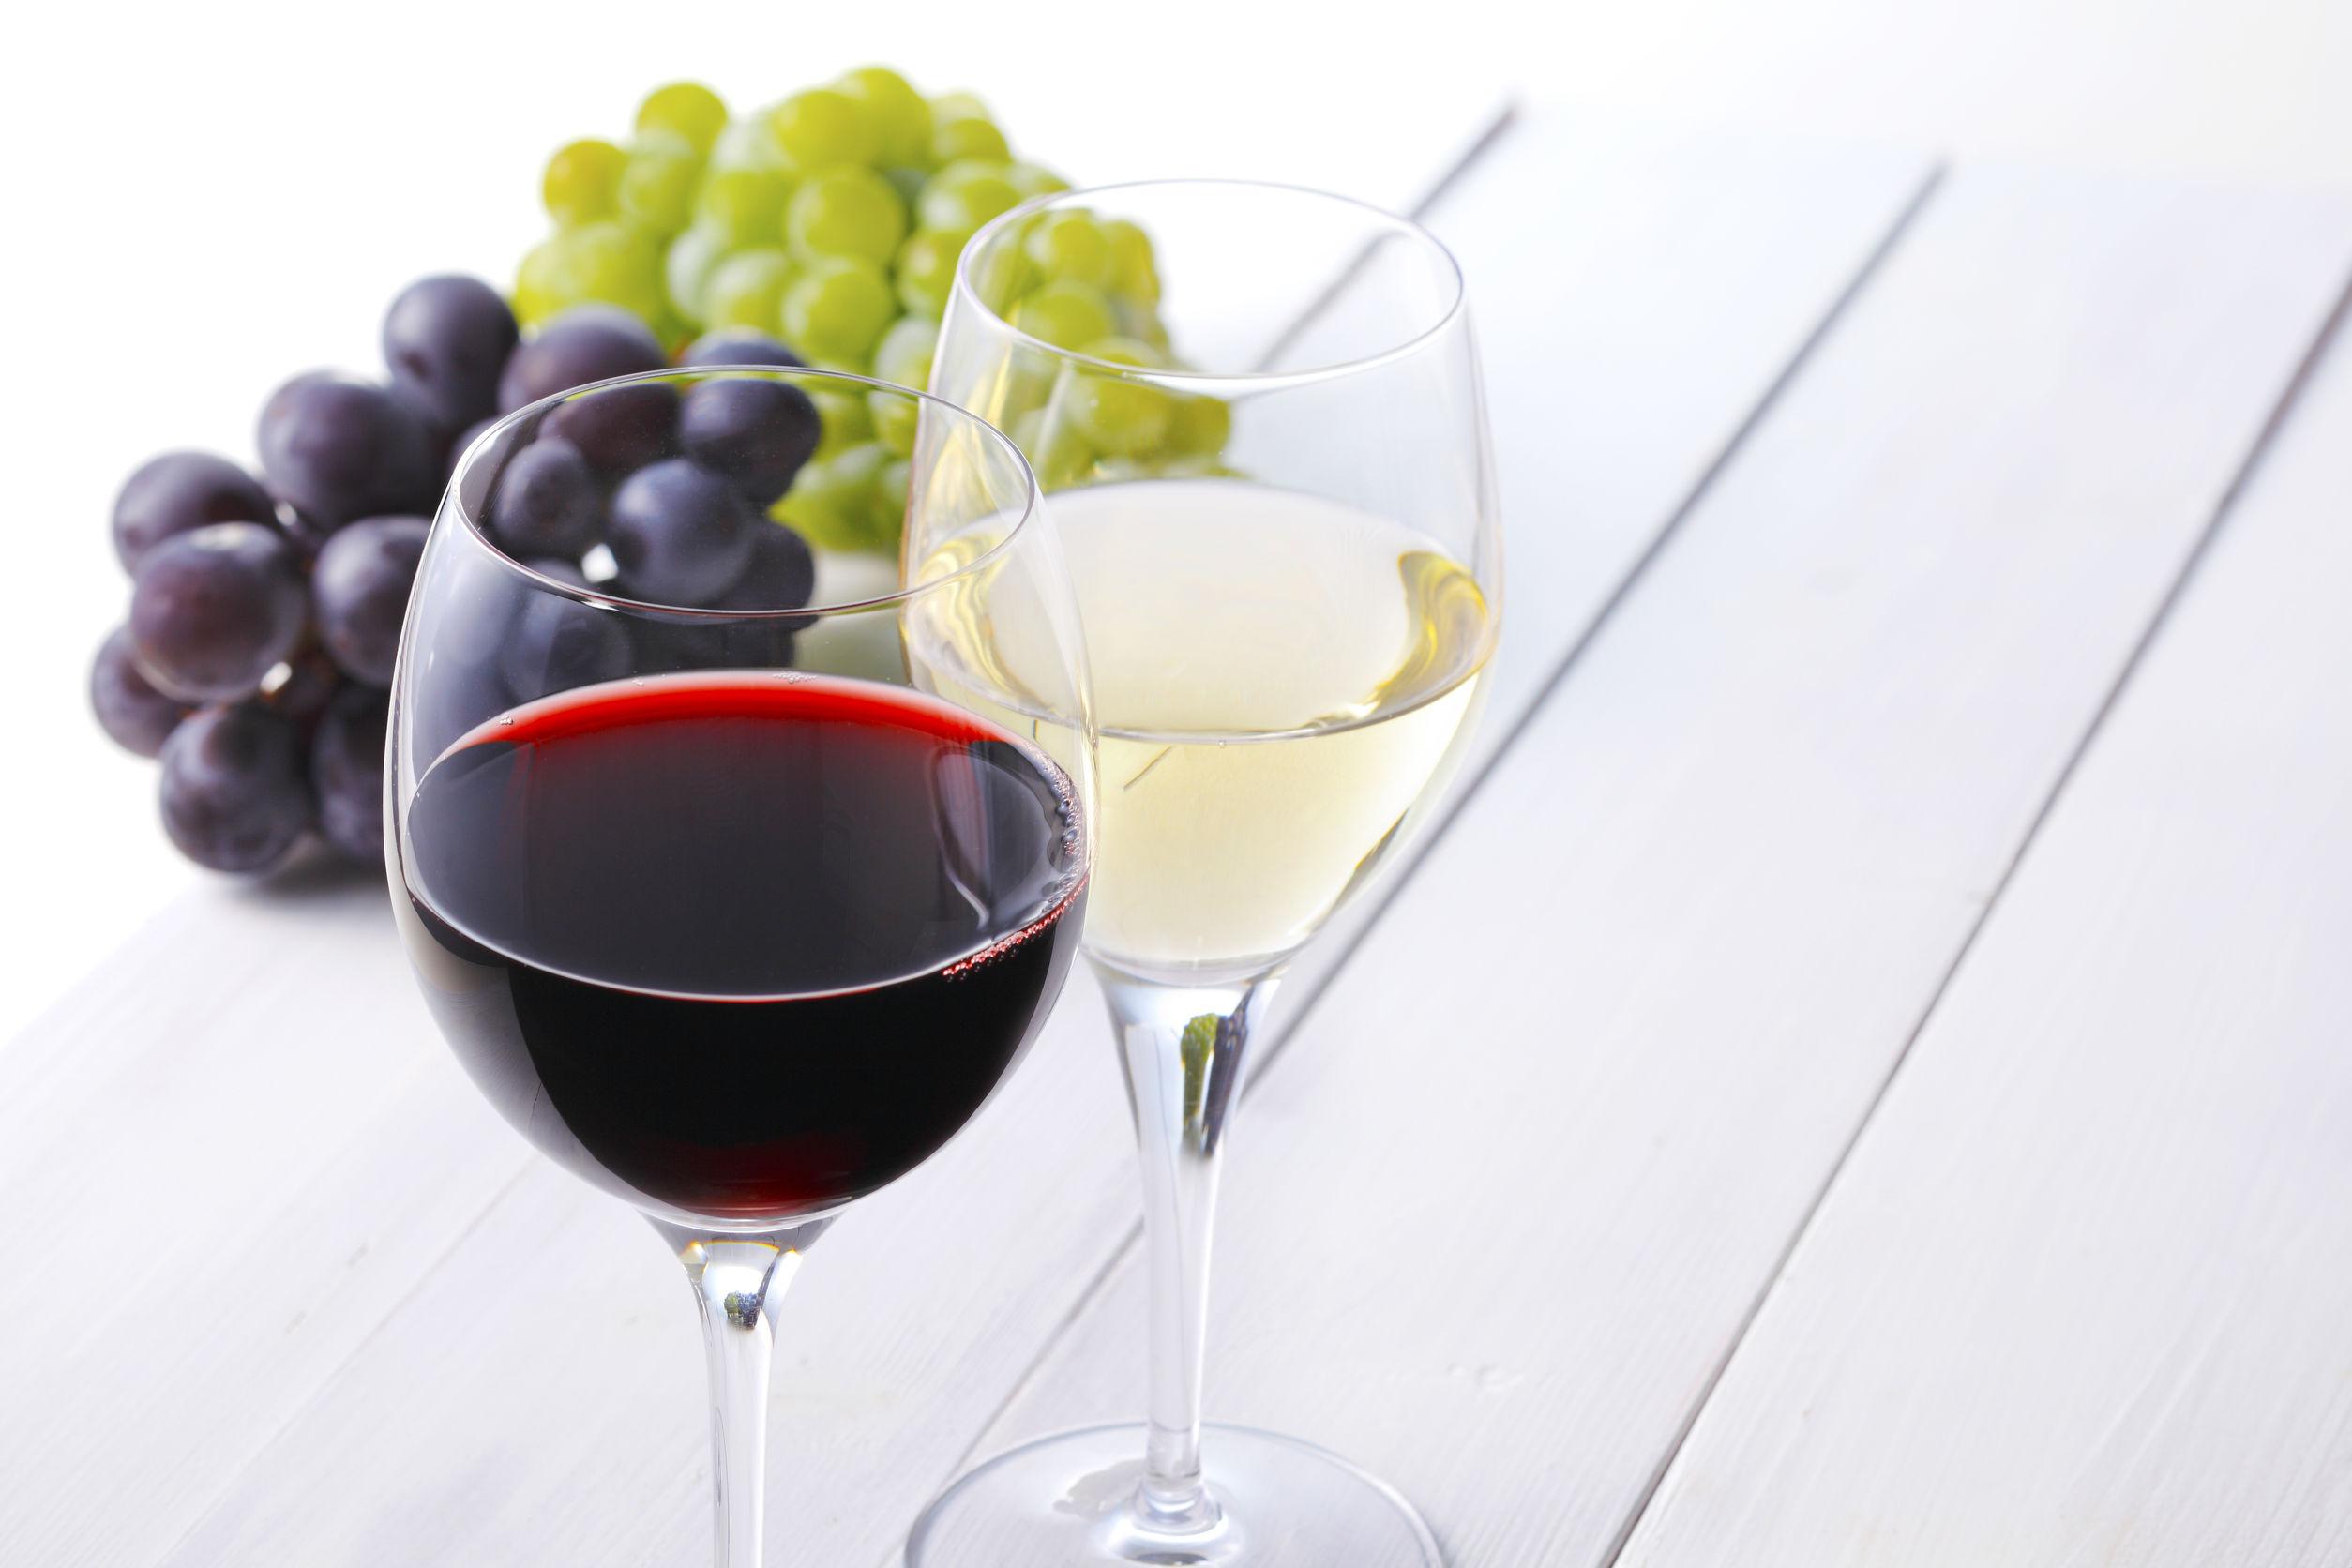 ワイングラスに入った赤ワインと白ワイン